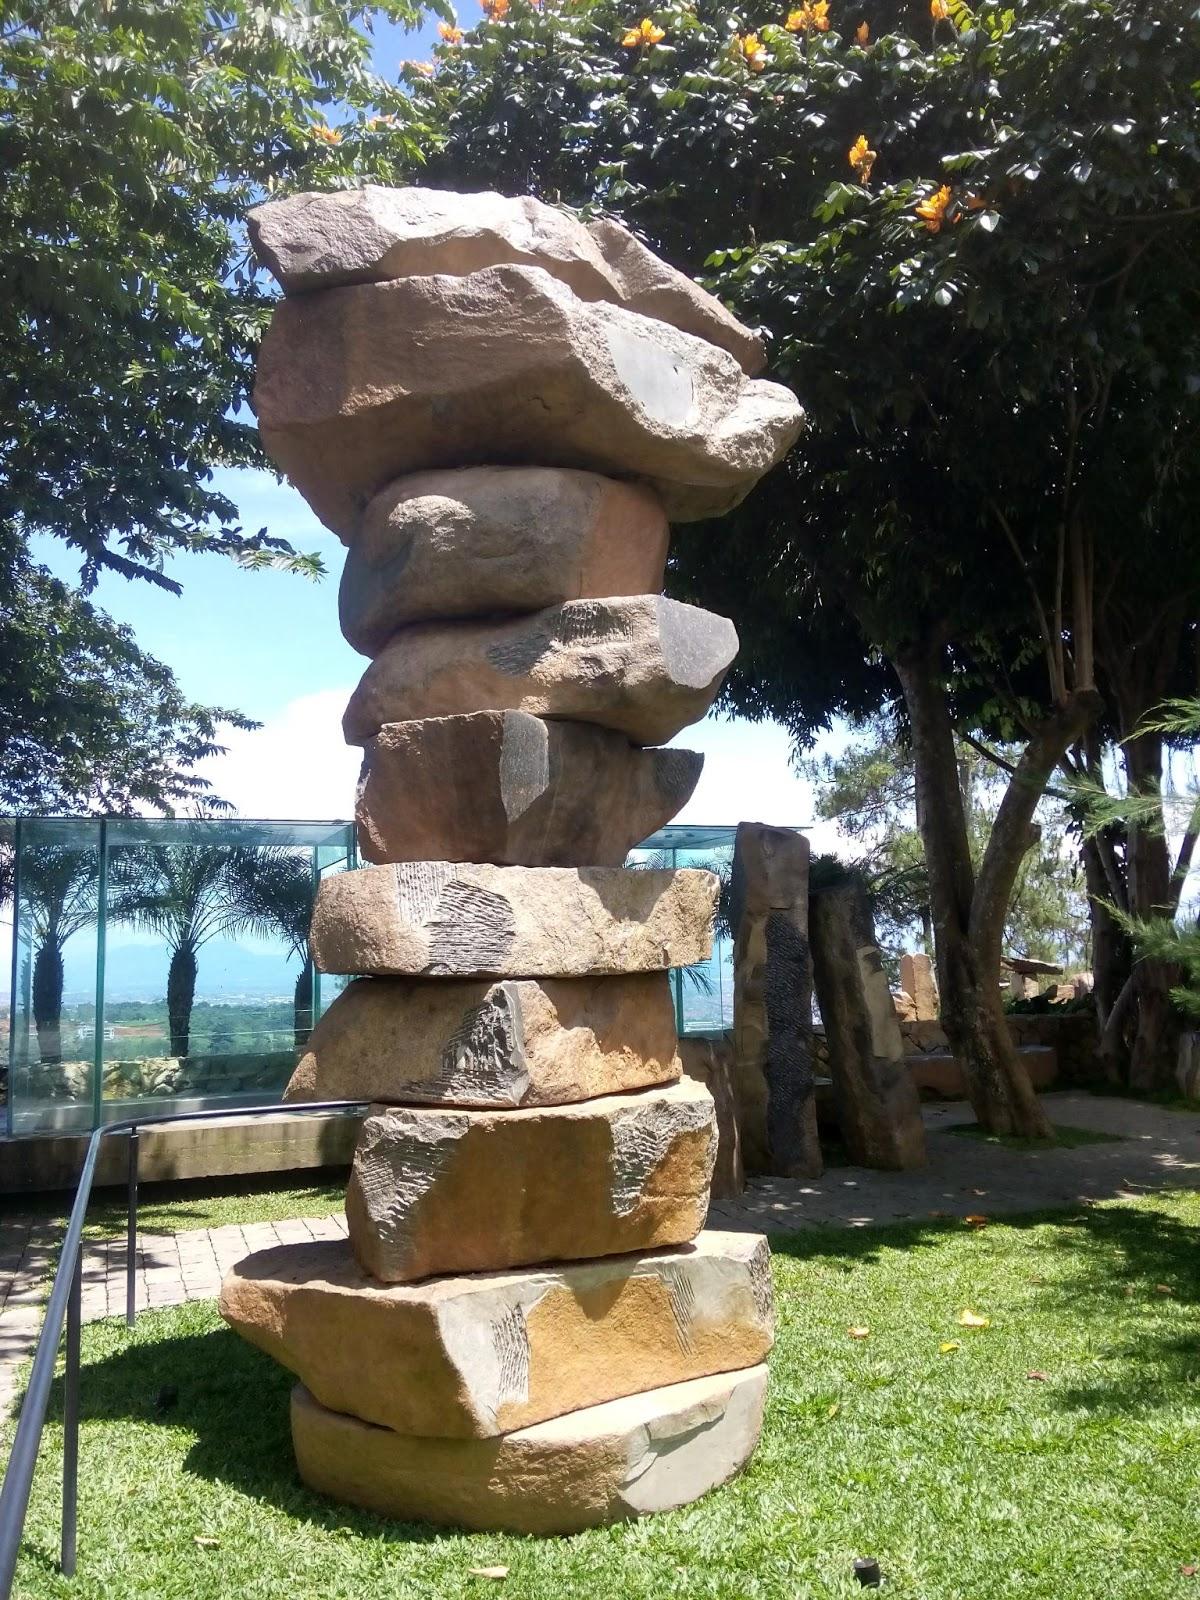 Serunya-Wisata-Seni-ke-Wot-Batu-Selasar-Sunaryo-di-Bandung